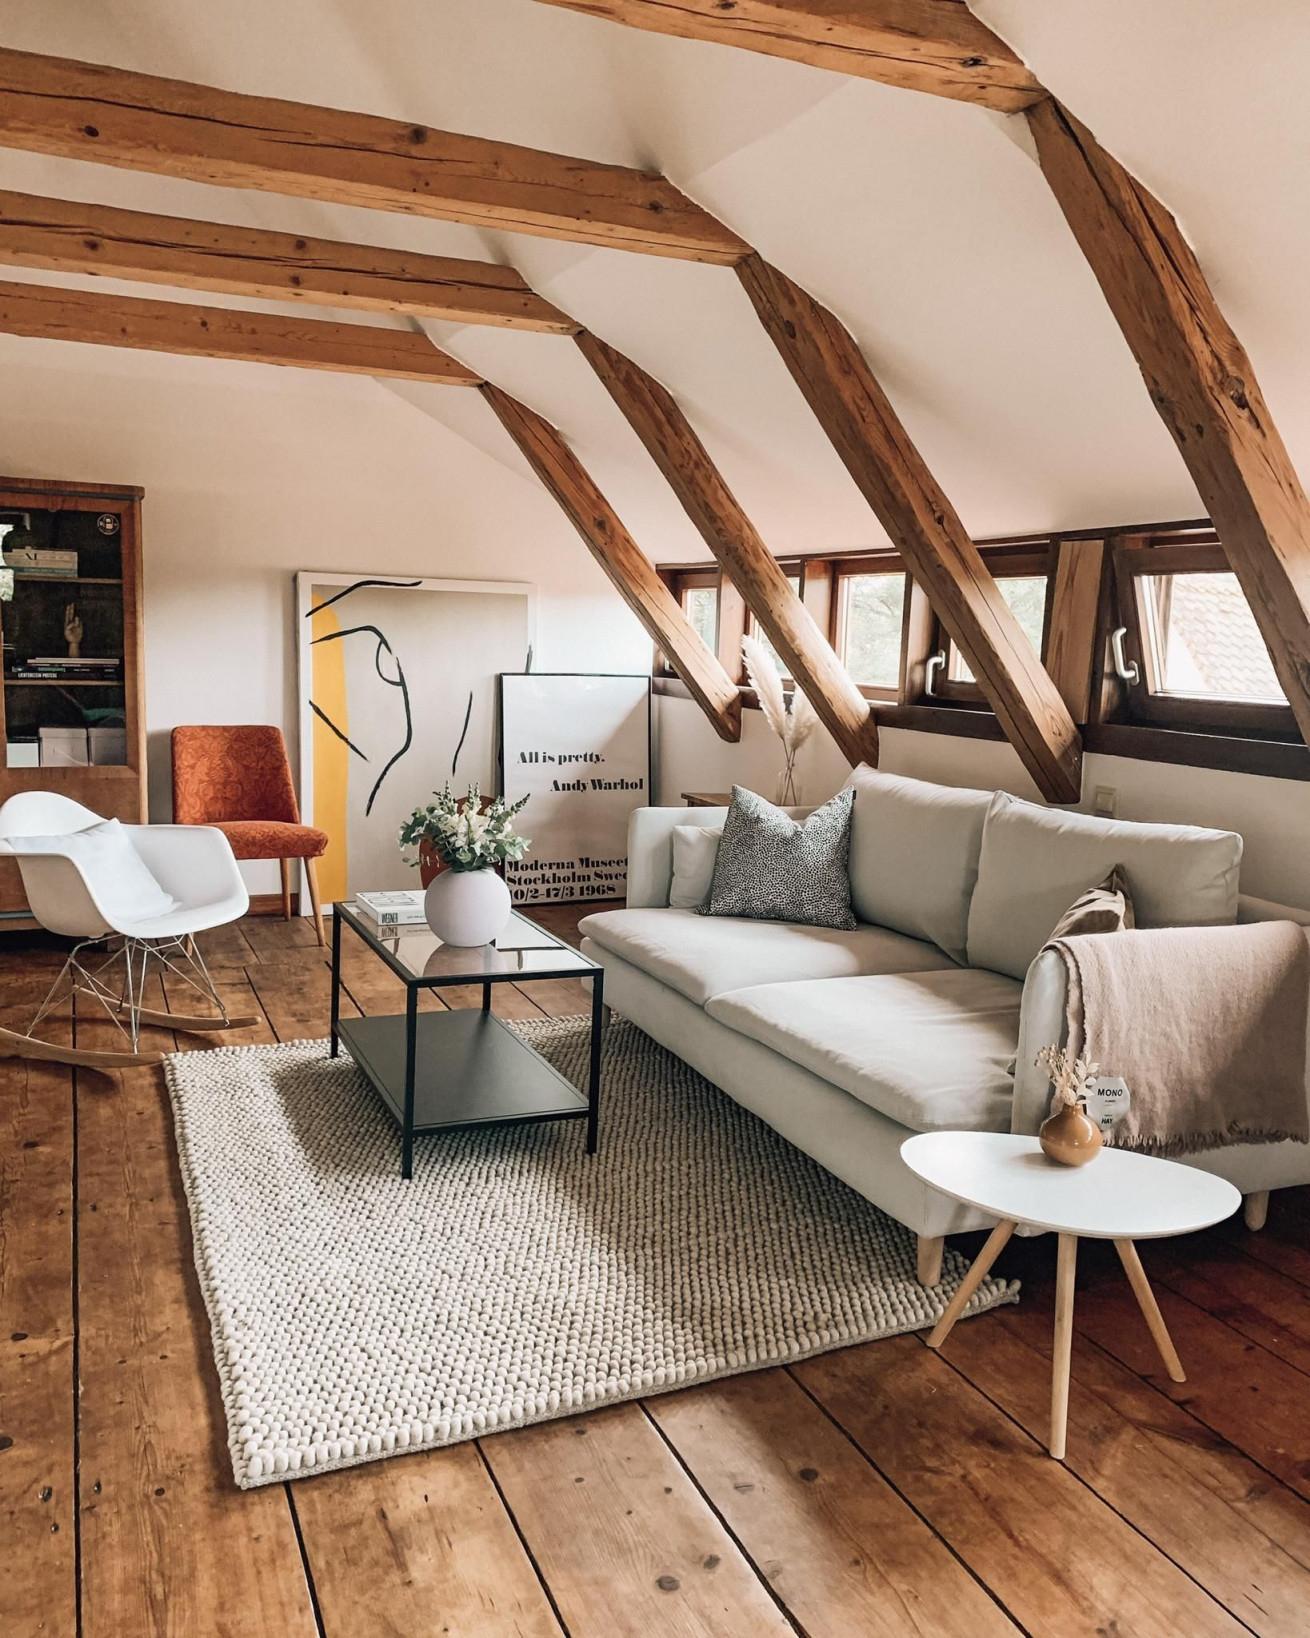 Balkenliebe Wohnzimmer In Der Letzten Zeit Habe  In 2020 von Wohnzimmer Ideen Dachgeschoss Bild